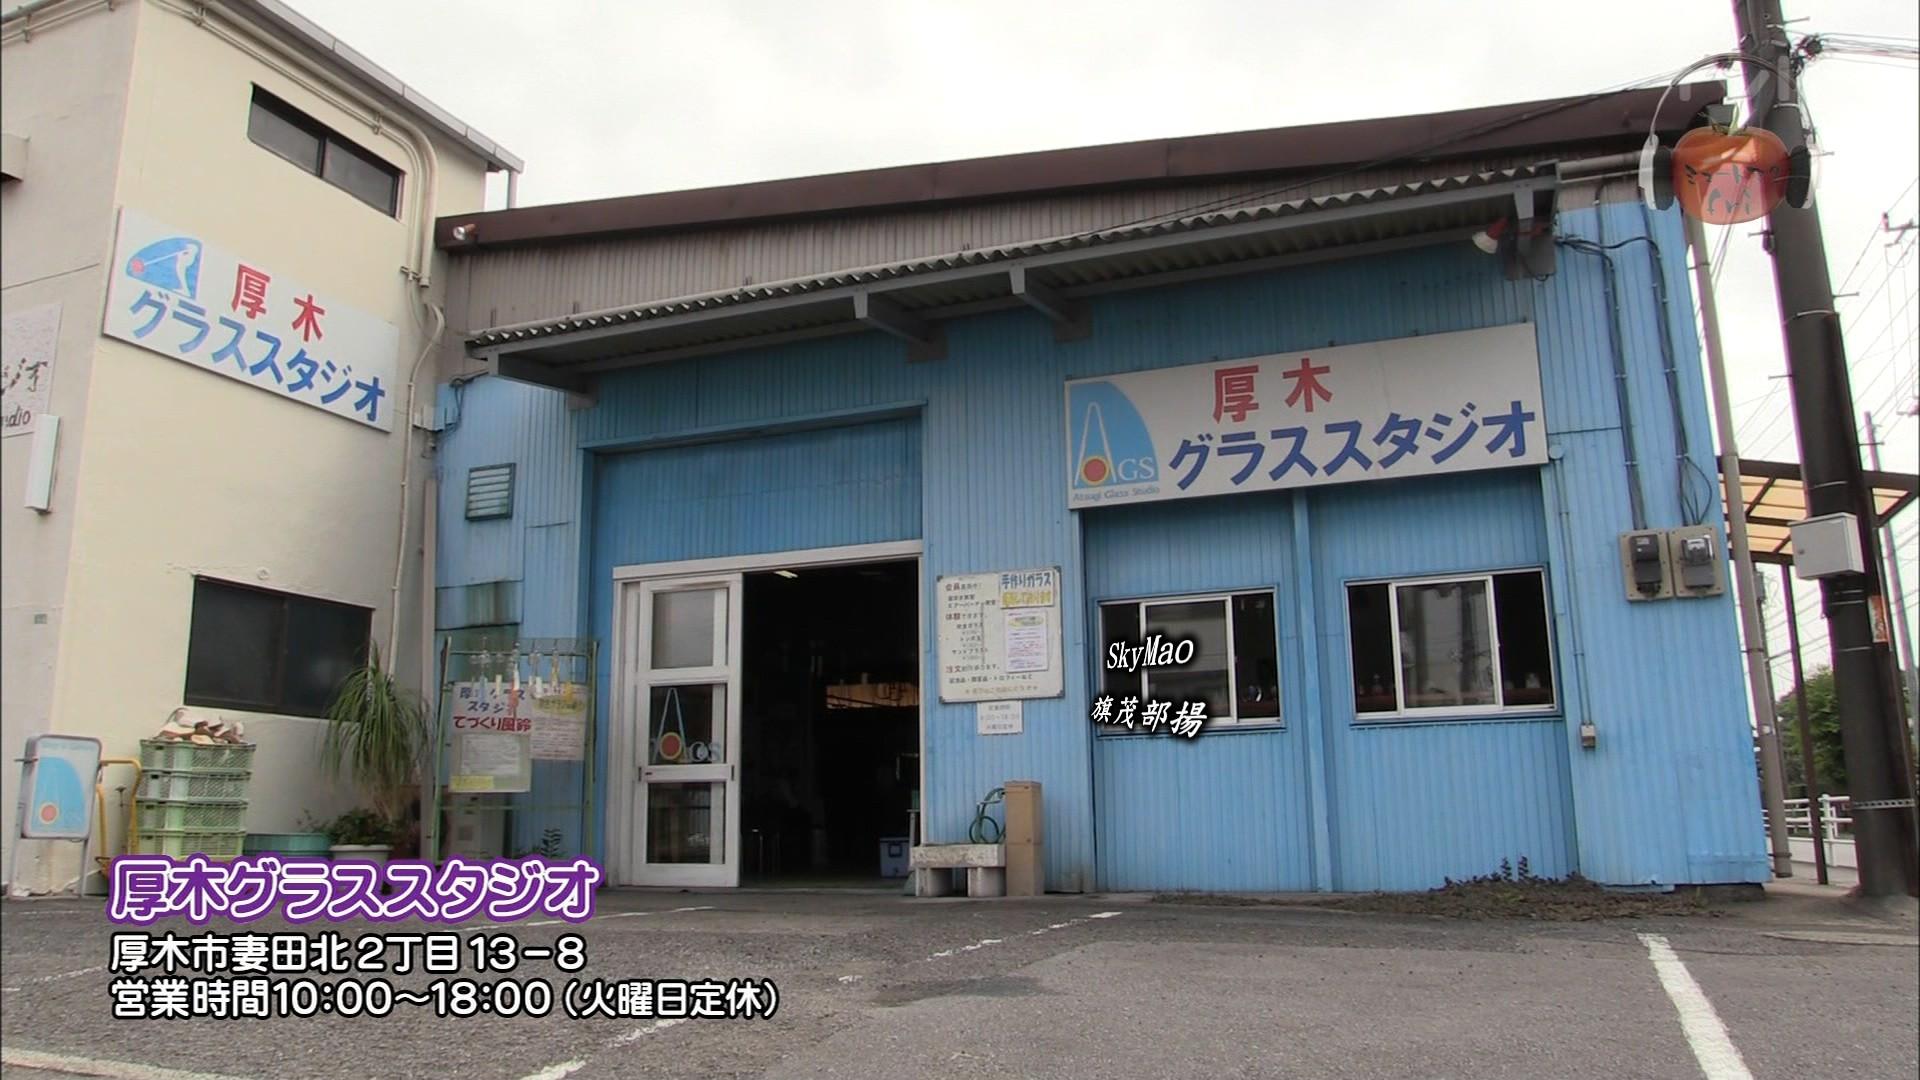 2017.09.29 全場(ミュートマ2).ts_20170930_004728.109